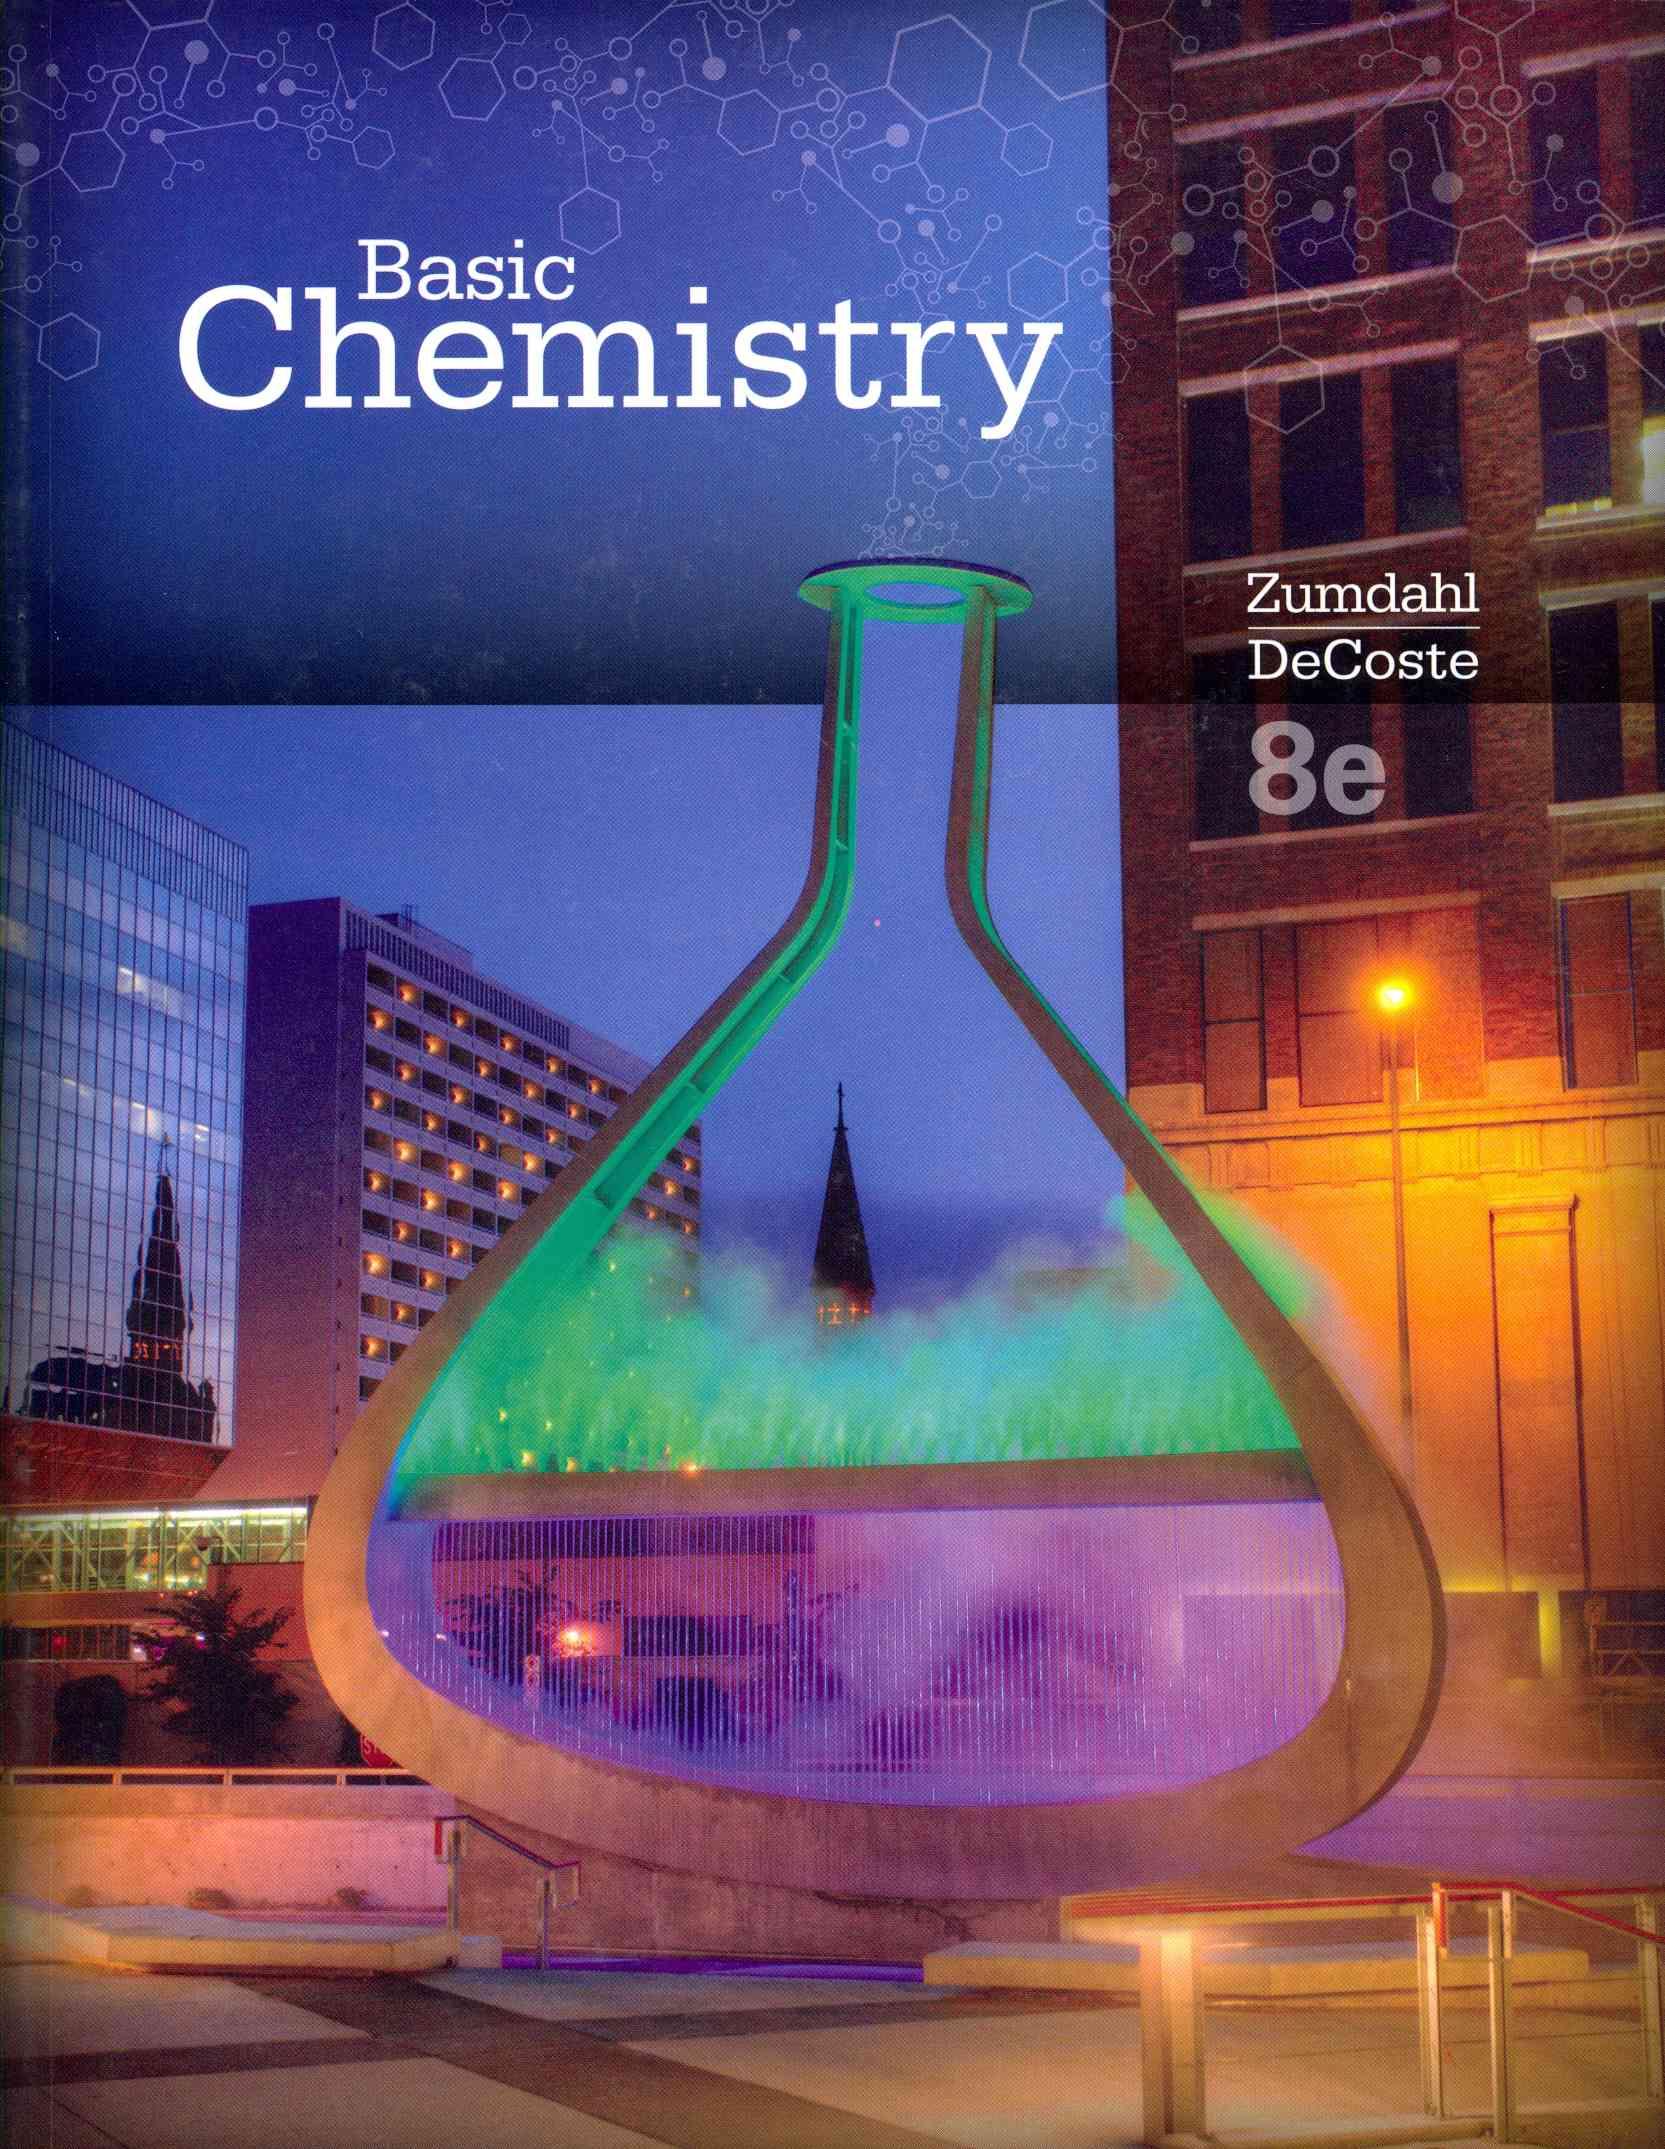 Basic Chemistry By Zumdahl, Steven S./ Decoste, Donald J.